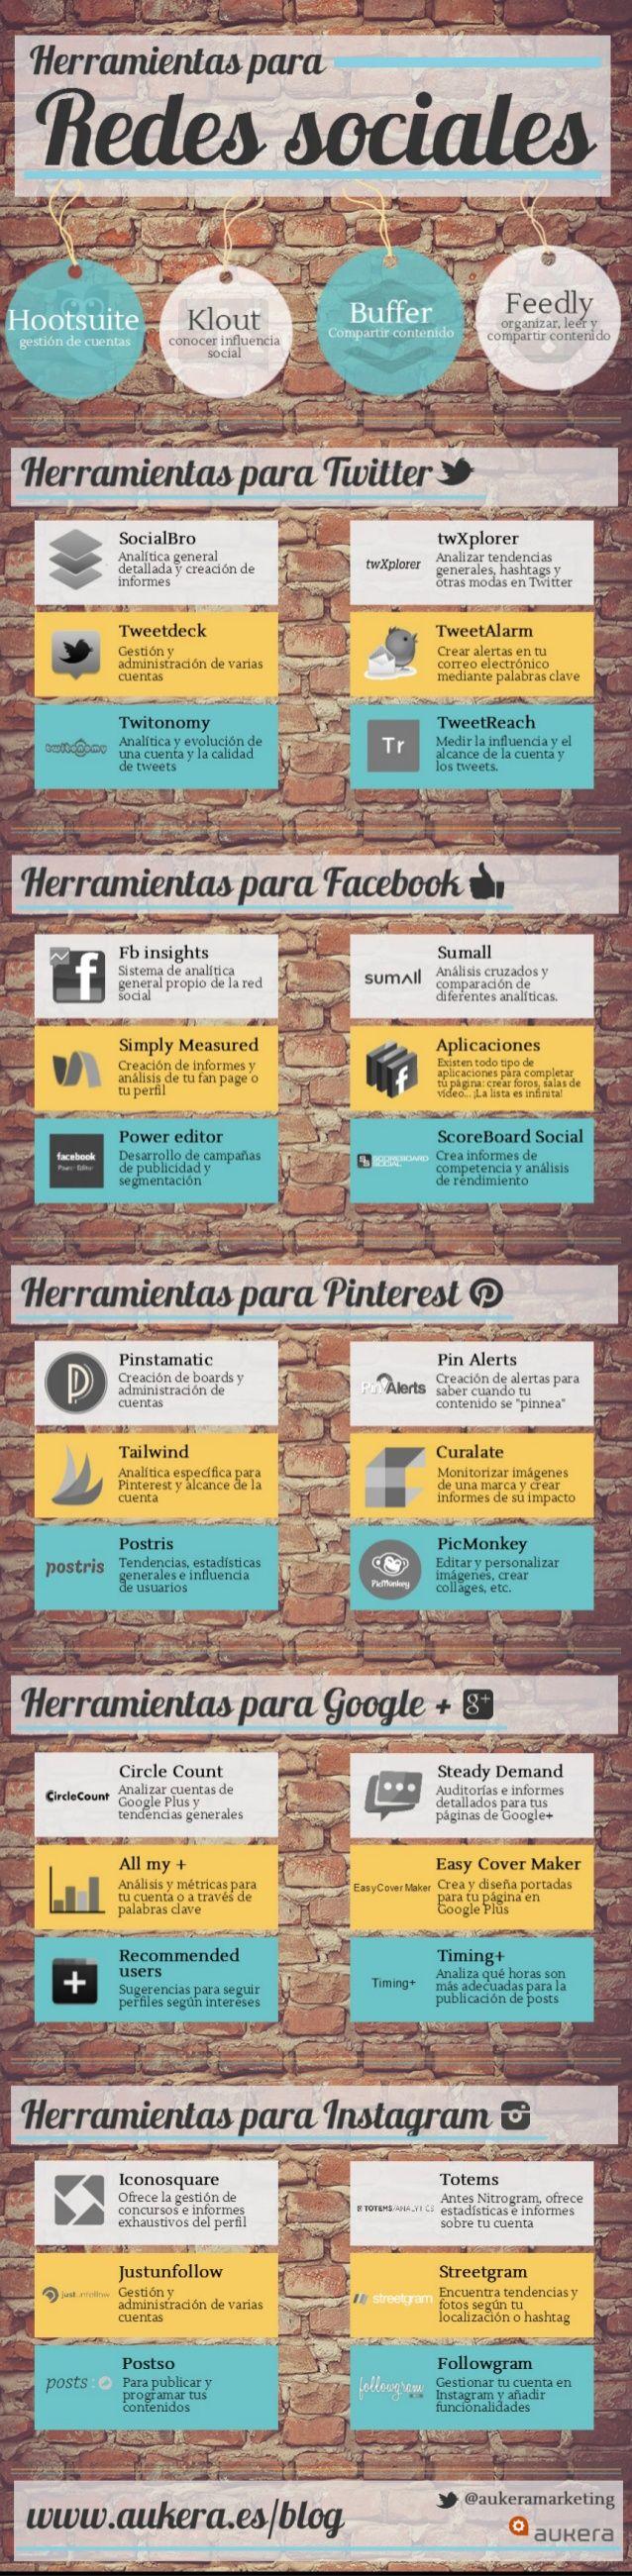 Herramientas para redes sociales. Infografía en español #CommunityManager